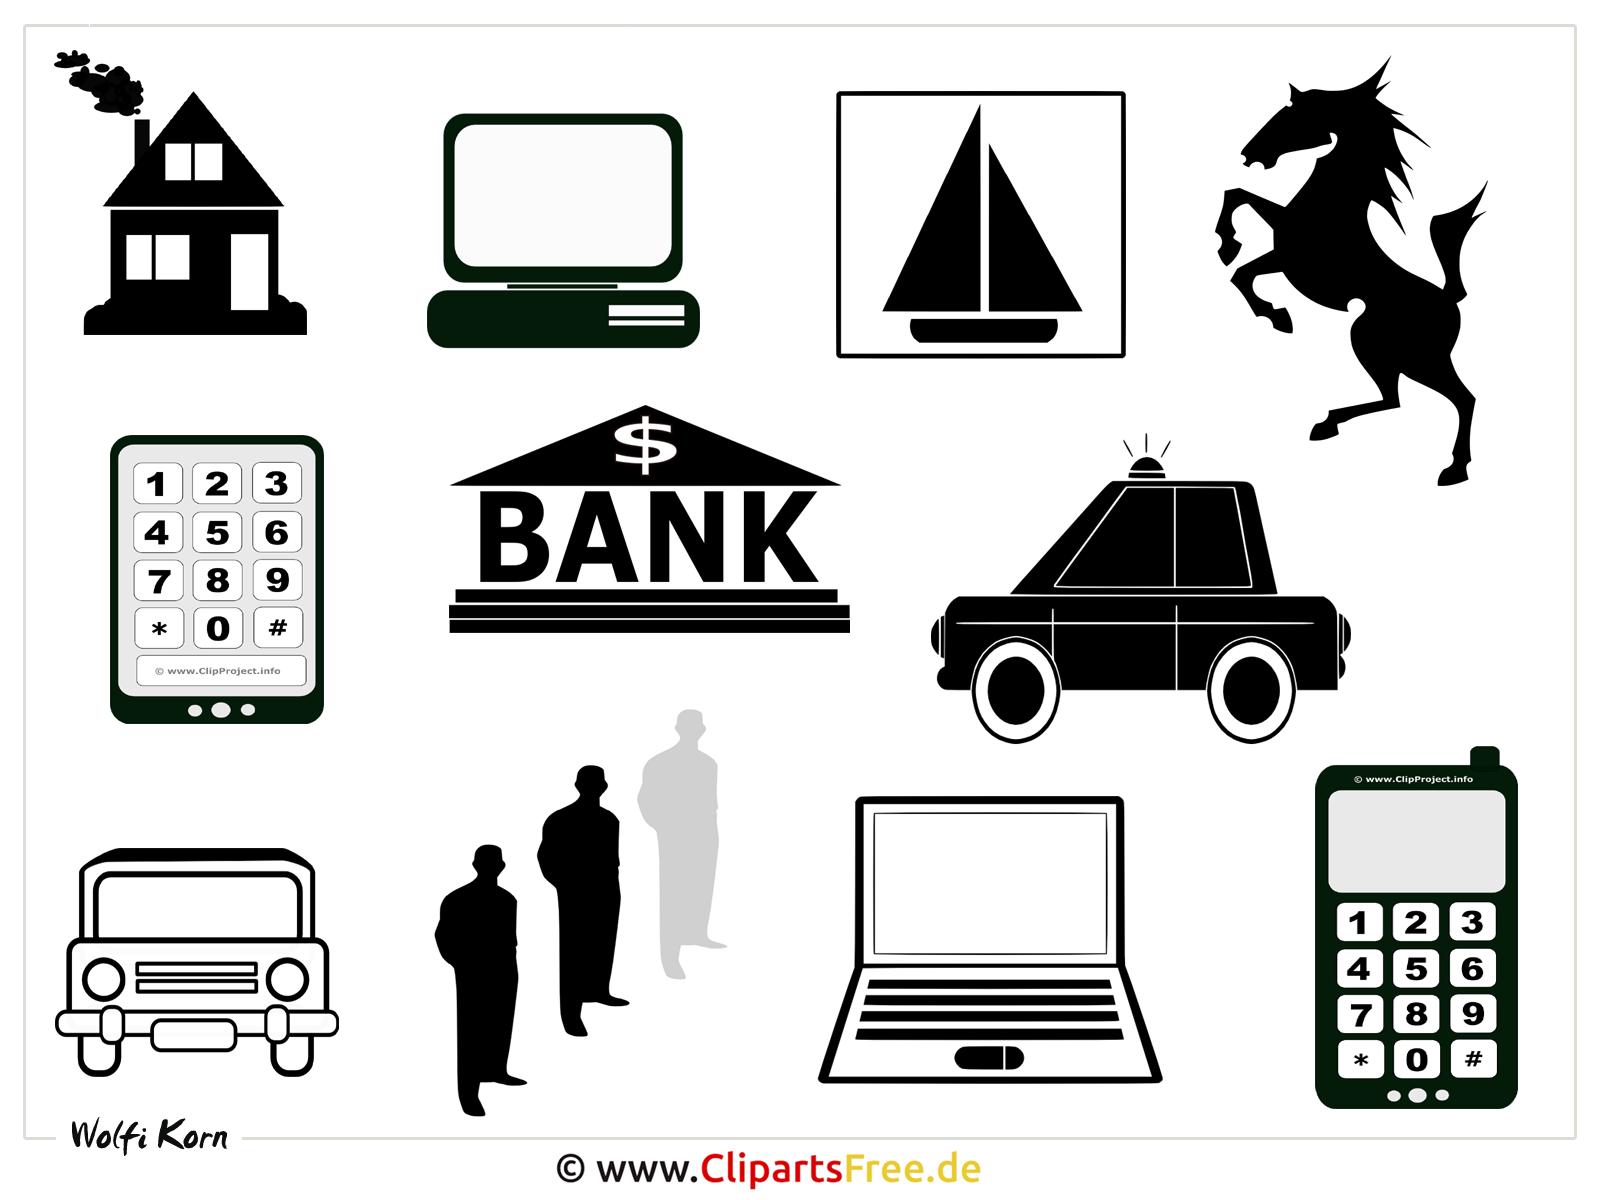 Piktogrammen Clipart-Bilder - Hintergrundbild in Hochaufloesung